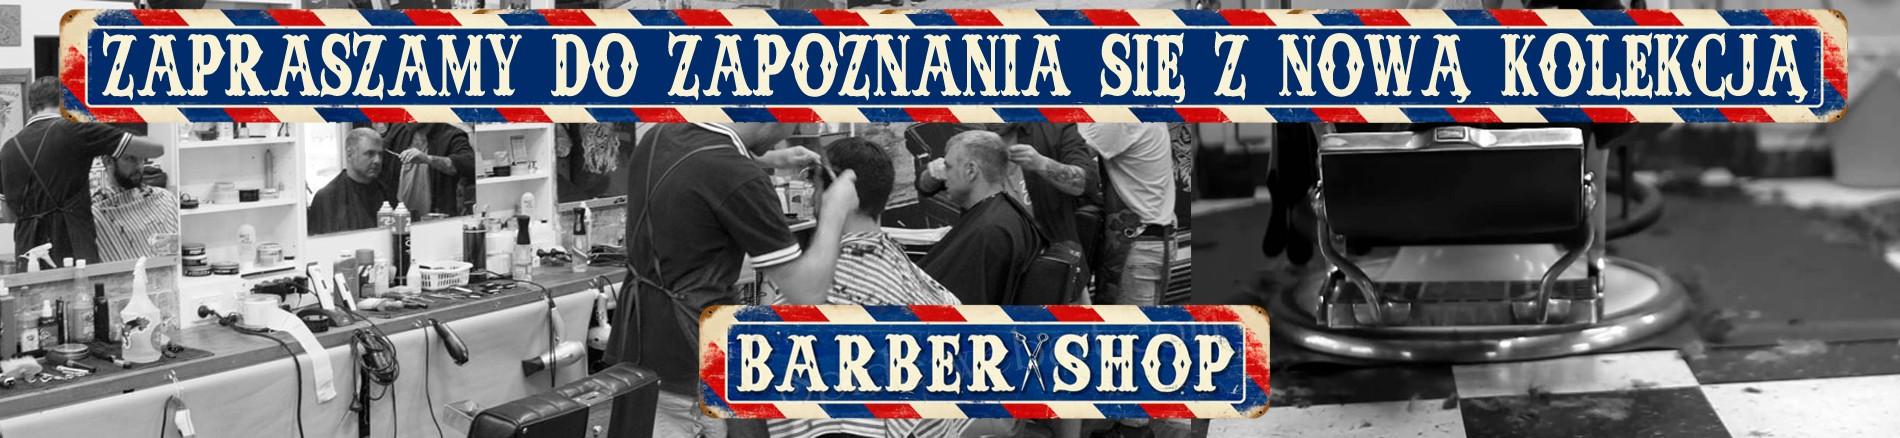 Nowa kolekcja Barber Shop